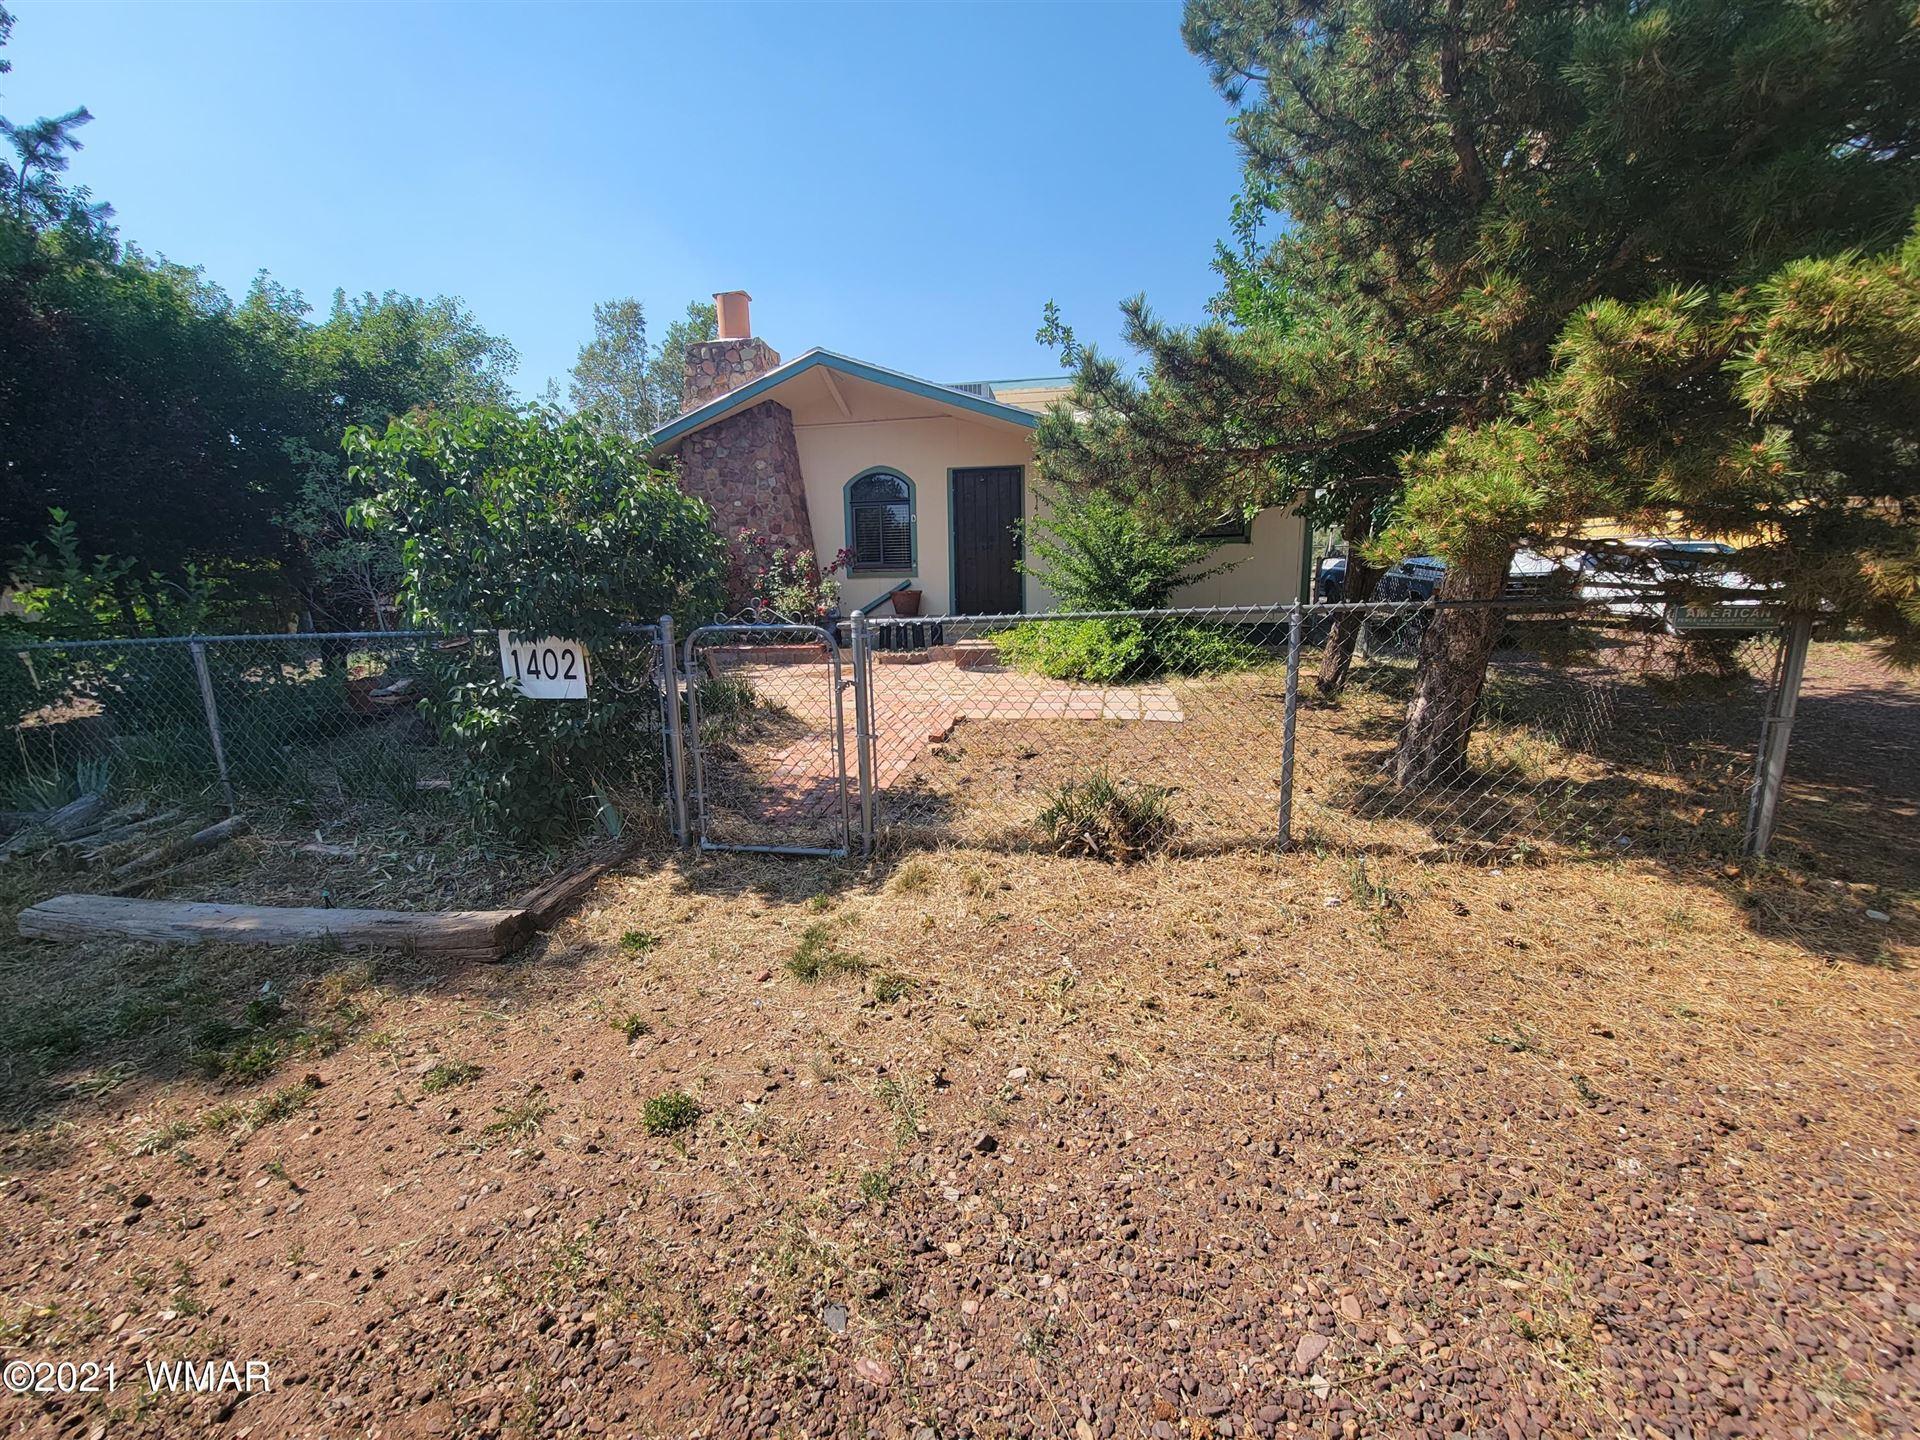 Photo for 1402 W Apache Lane, Lakeside, AZ 85929 (MLS # 236063)